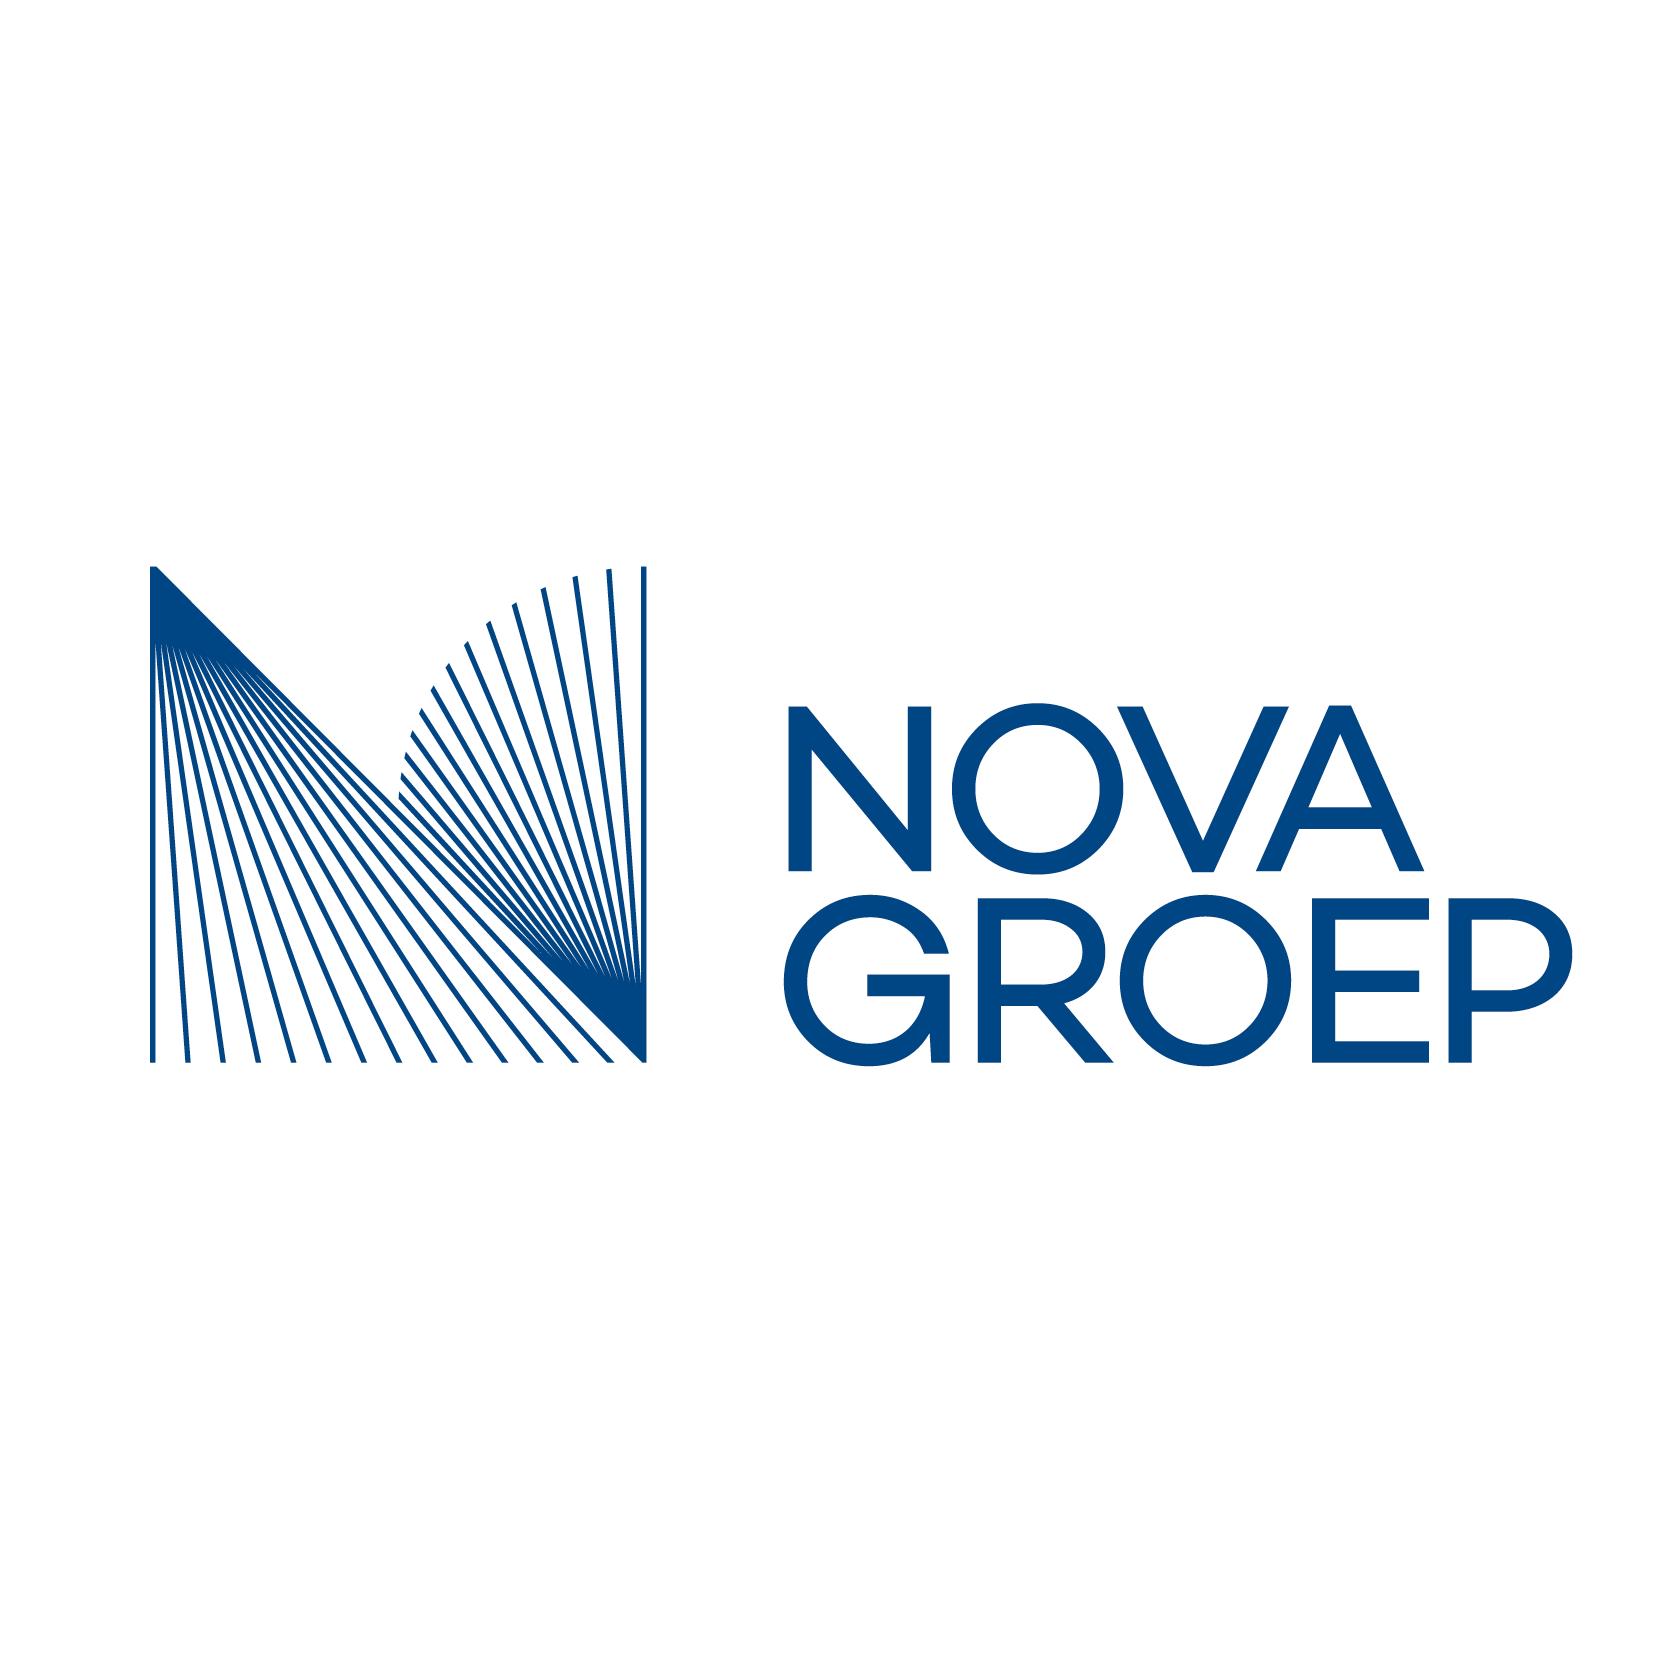 Nova Groep